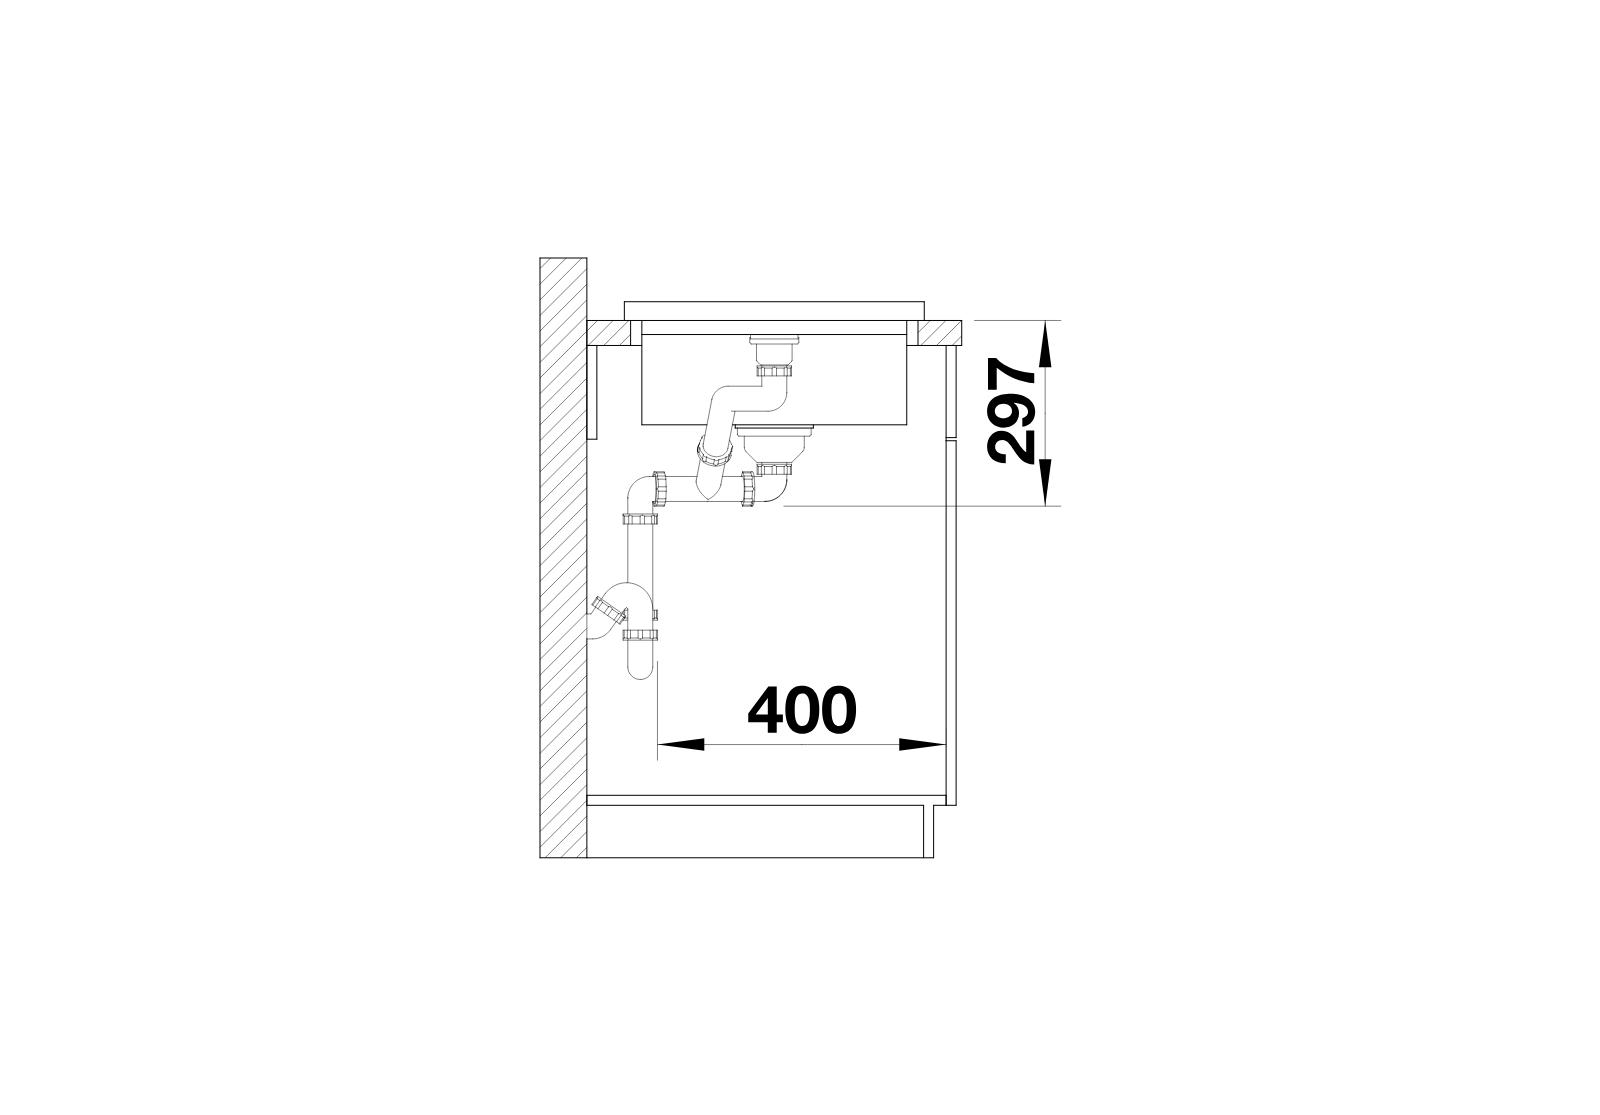 BLANCO Adon XL 6 S - Side View